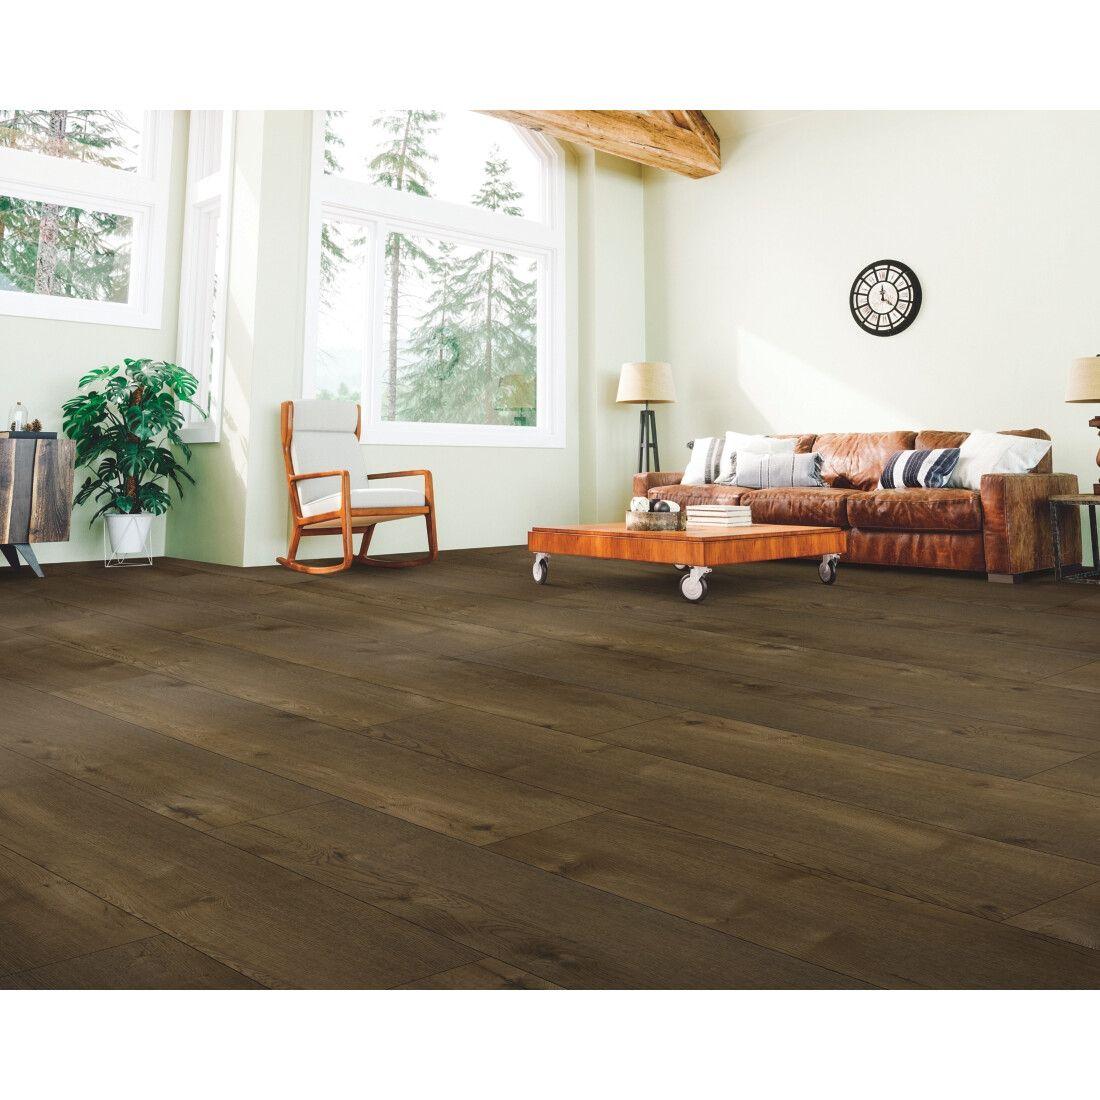 Chocolate Turtle Luxury Vinyl Flooring Pergo Flooring Waterproof Flooring